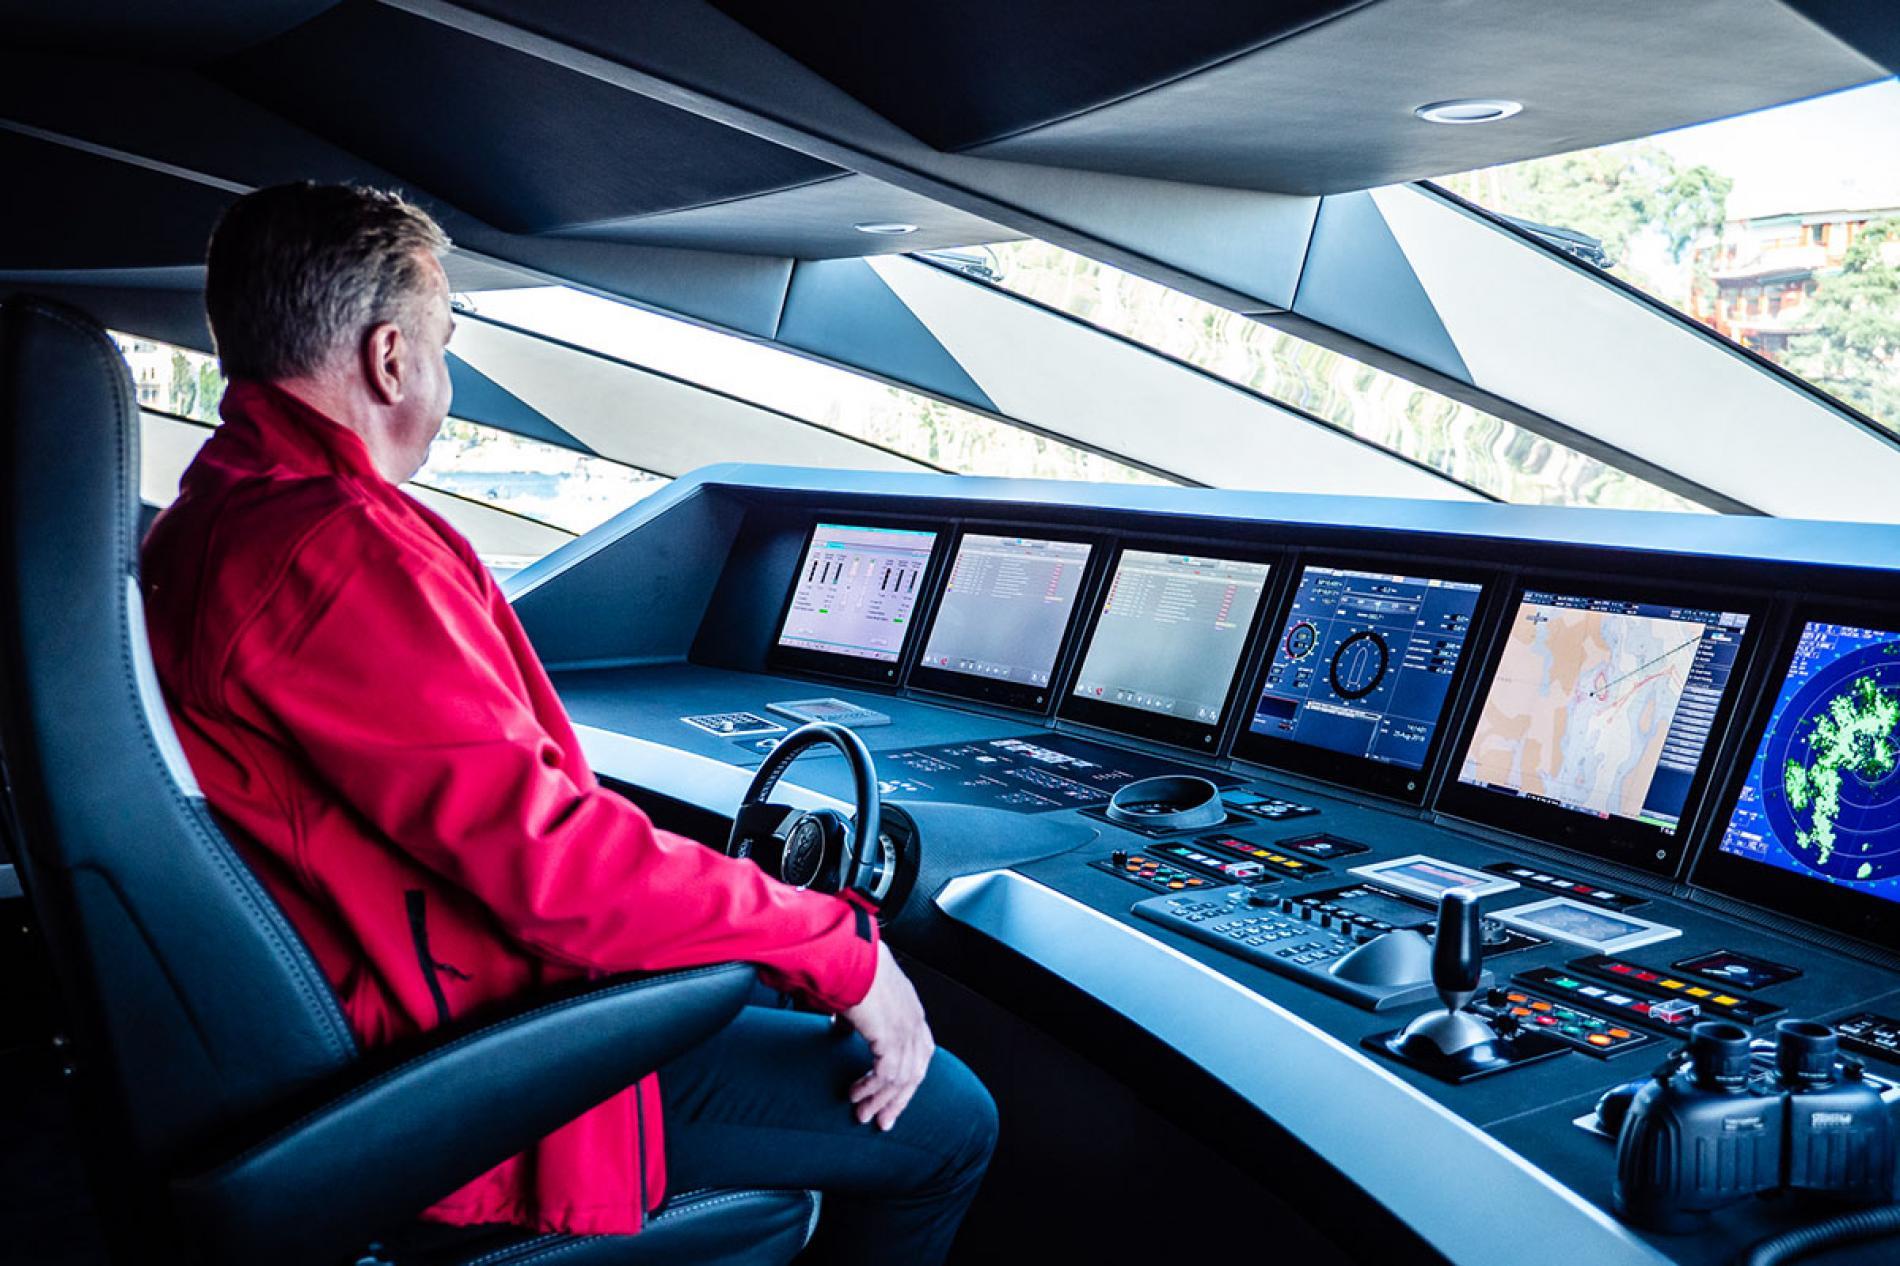 Camper&Nicholsons не раскрыли запрашиваемую цену за уникальную яхту. Учитывая объем работ, который они проделали, мы ожидаем, что цена тоже будет уникальной!